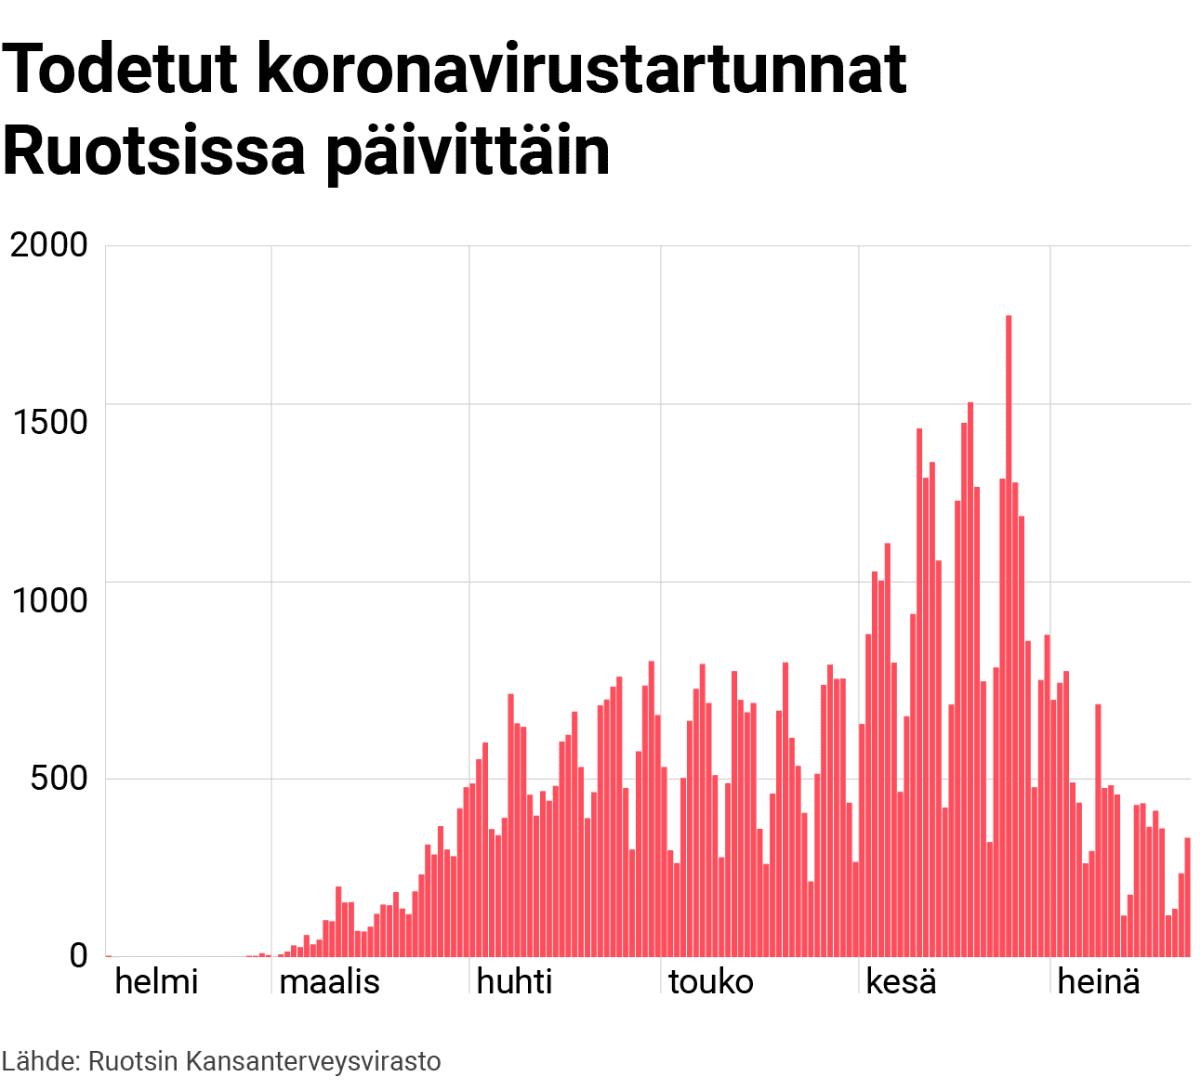 Grafiikka: Todetut koronavirustartunnat Ruotsissa päivittäin